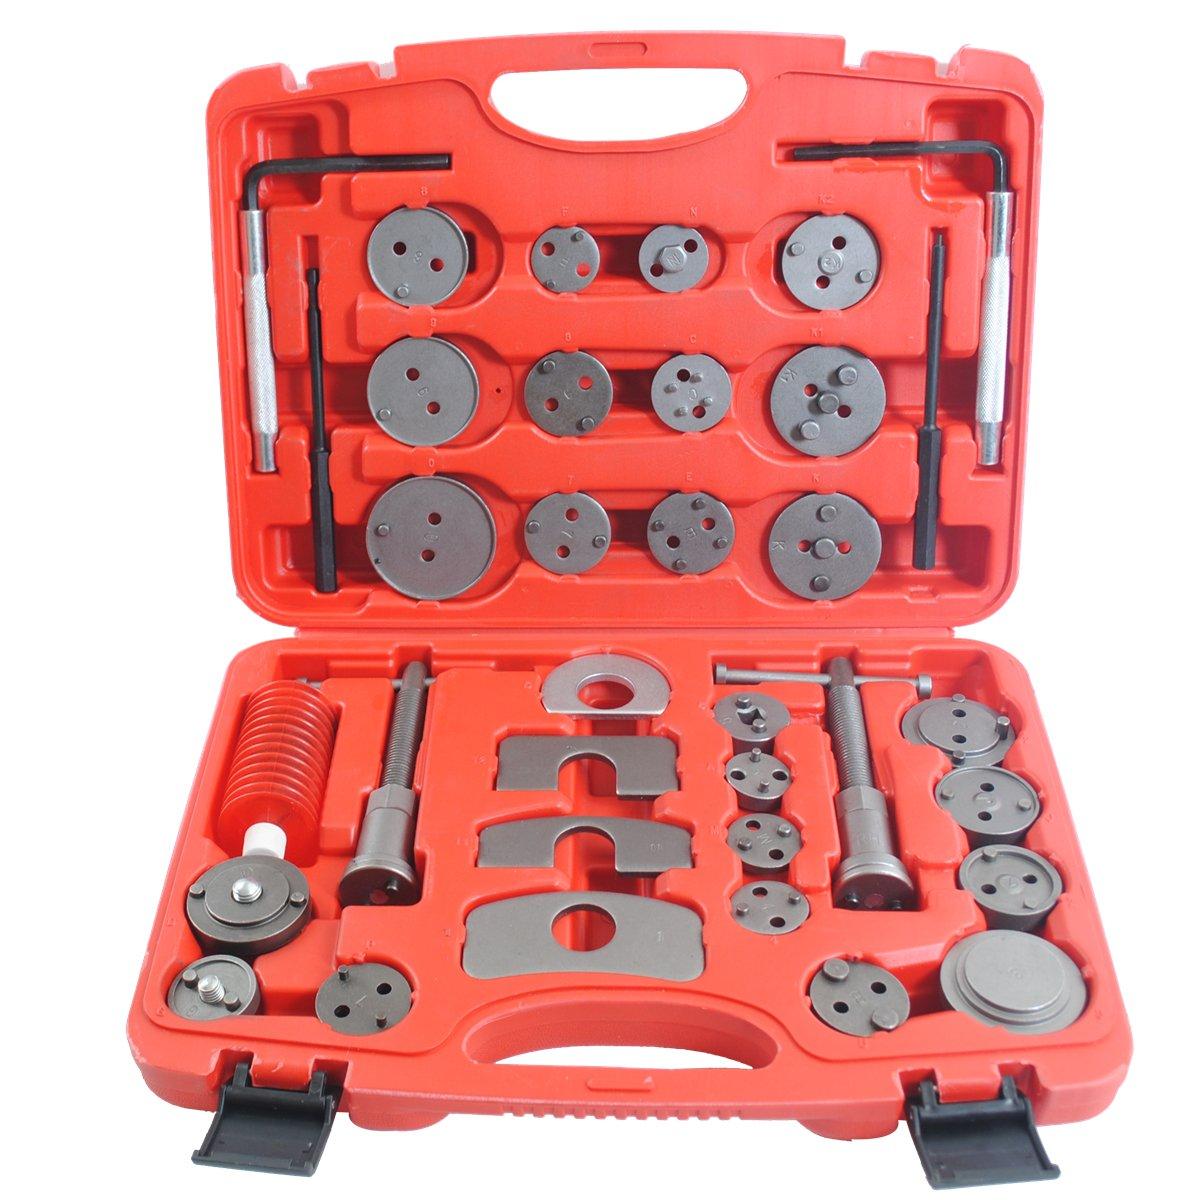 CCLIFE Repousse piston de frein - Coffret repousse piston frein (35pcs) - ré initialiser les pistons de frein - repousse piston frein universel